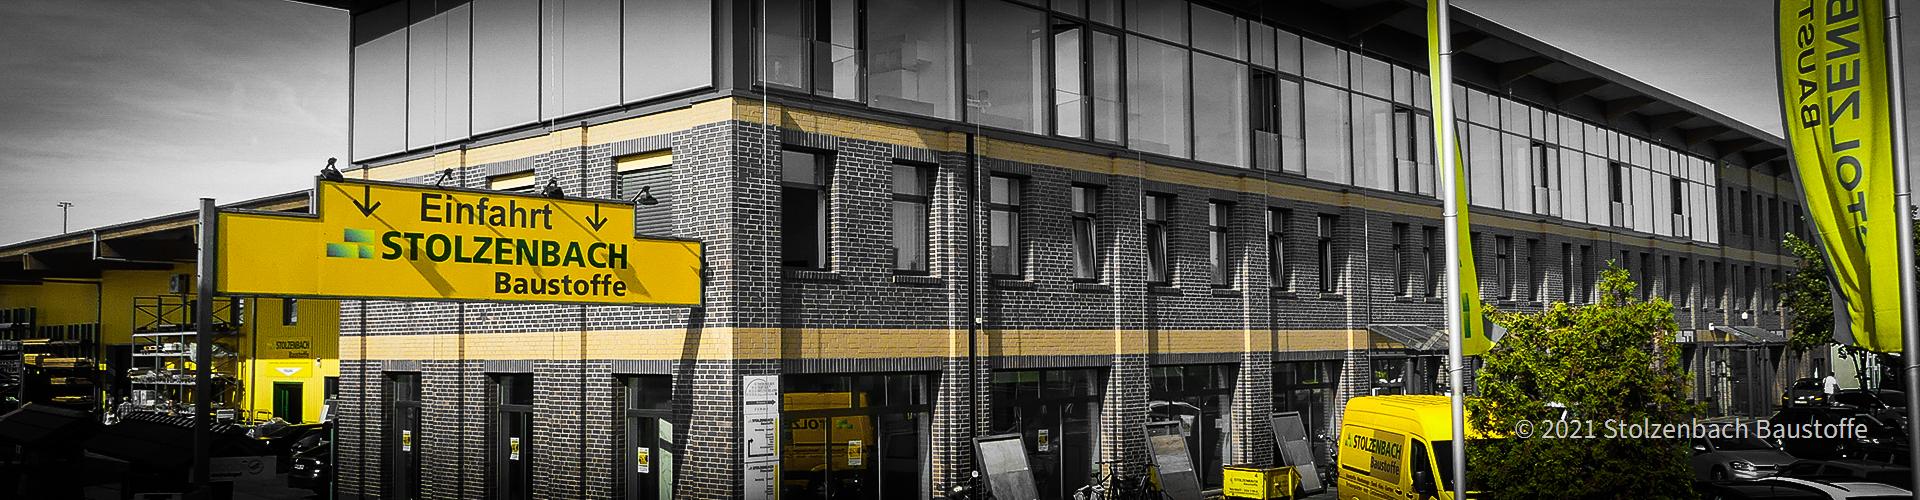 Außenansicht Stolzenbach Baustoffe in Bremen